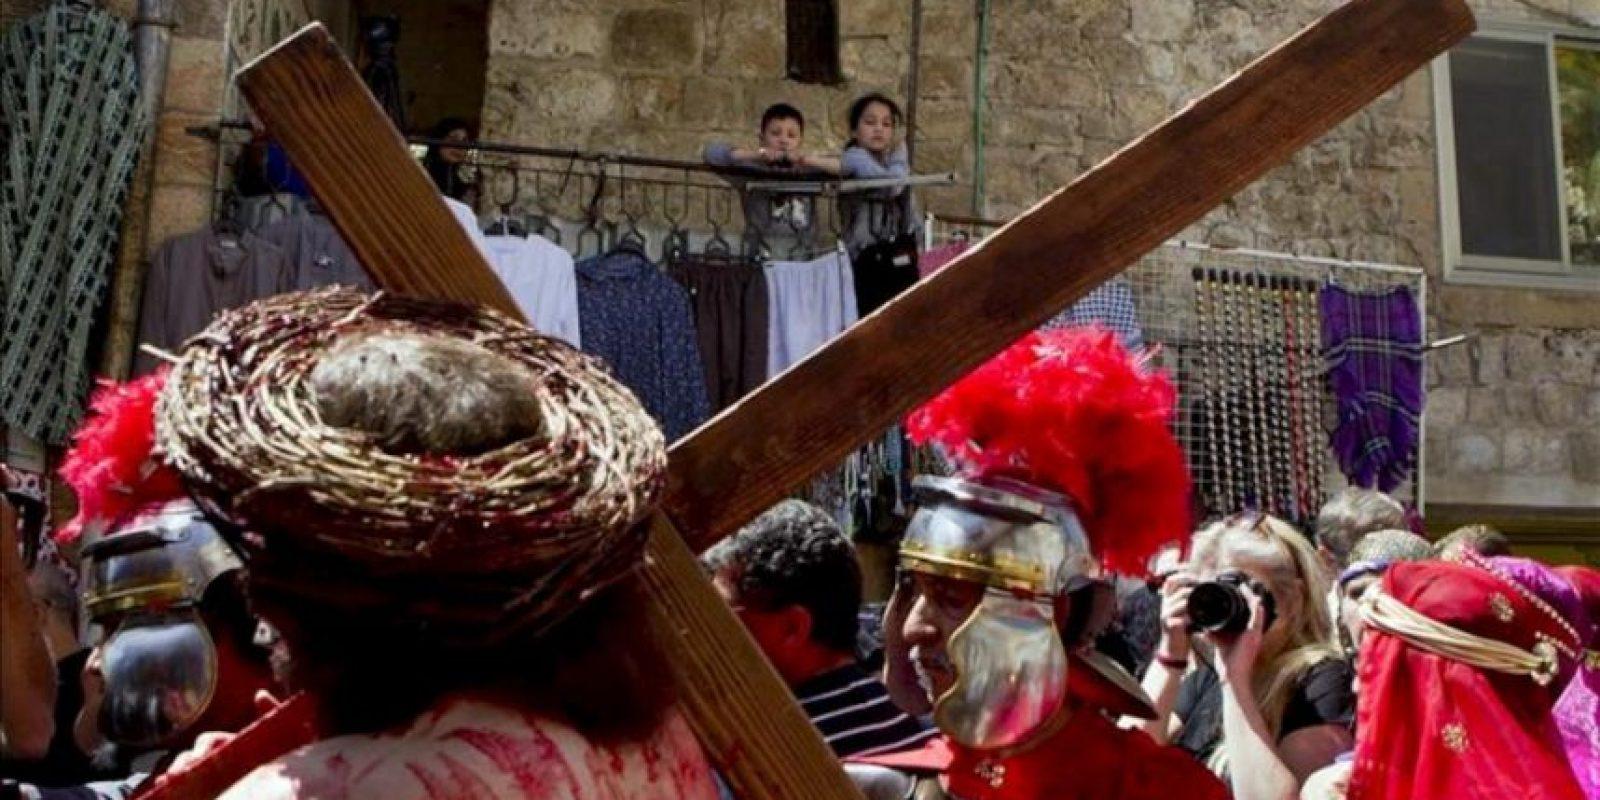 Un par de niños palestinos observan desde un balcón a un grupo religioso estadounidense de Los Ángeles que recrea el trayecto de Jesucristo a la Cruz en la Vía Dolorosa en el casco viejo de Jerusalén (Israel) hoy, viernes 29 de 2013, durante las celebraciones del Viernes Santo. EFE